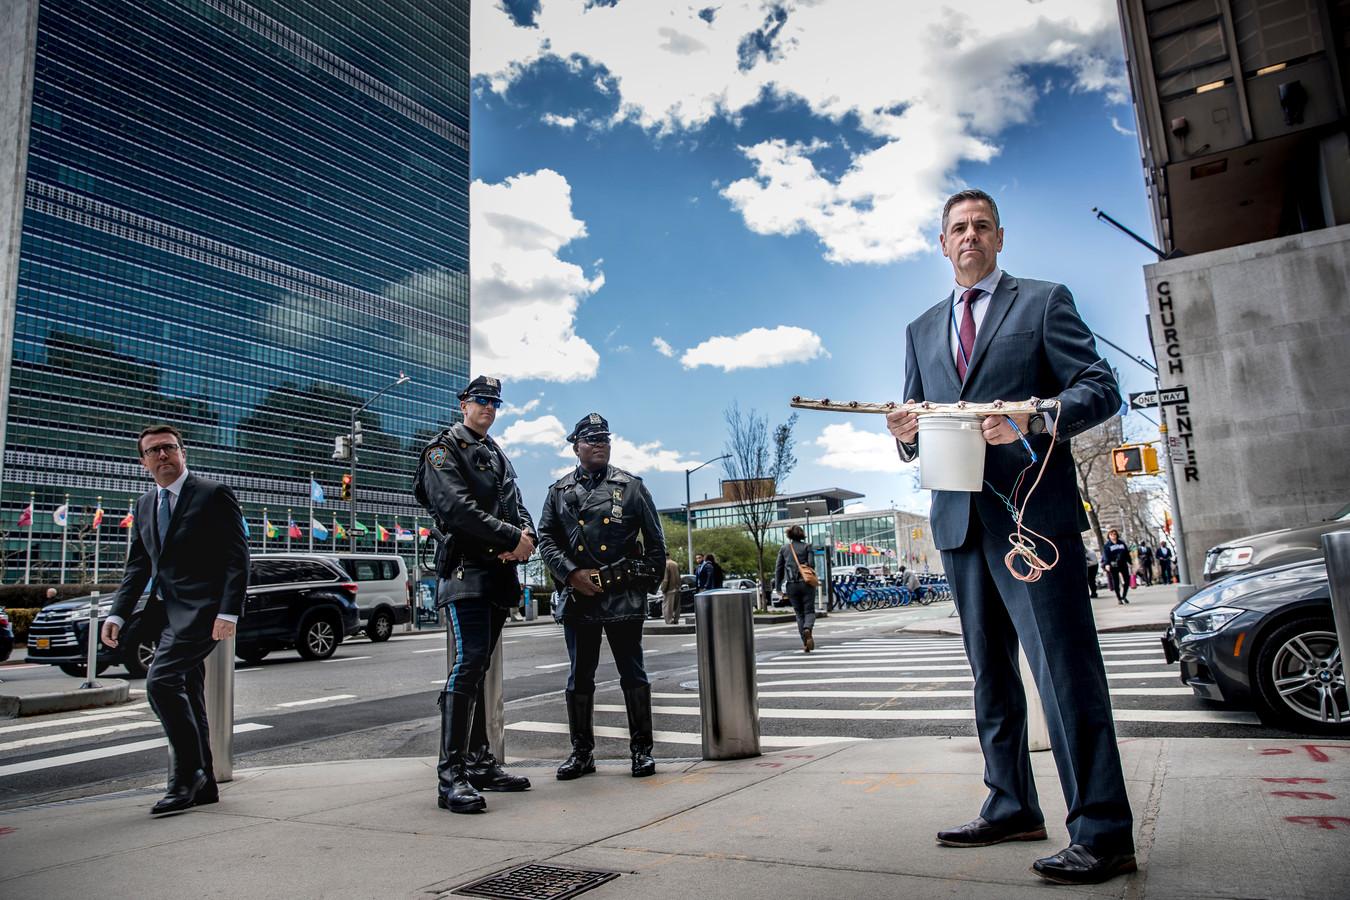 Dit voorjaar nog werkte explosieven-expert kapitein-luitenant ter zee Will Meurer op uitleenbasis voor de Verenigde Naties op het hoofdkantoor in Manhattan, New York City. In zijn handen een voorbeeld van een geïmproviseerd explosief: een emmertje springstof met een 'crush wire' van aan elkaar geknoopte schakelaartjes die de home-made-bomb afvuren als je er op stapt.